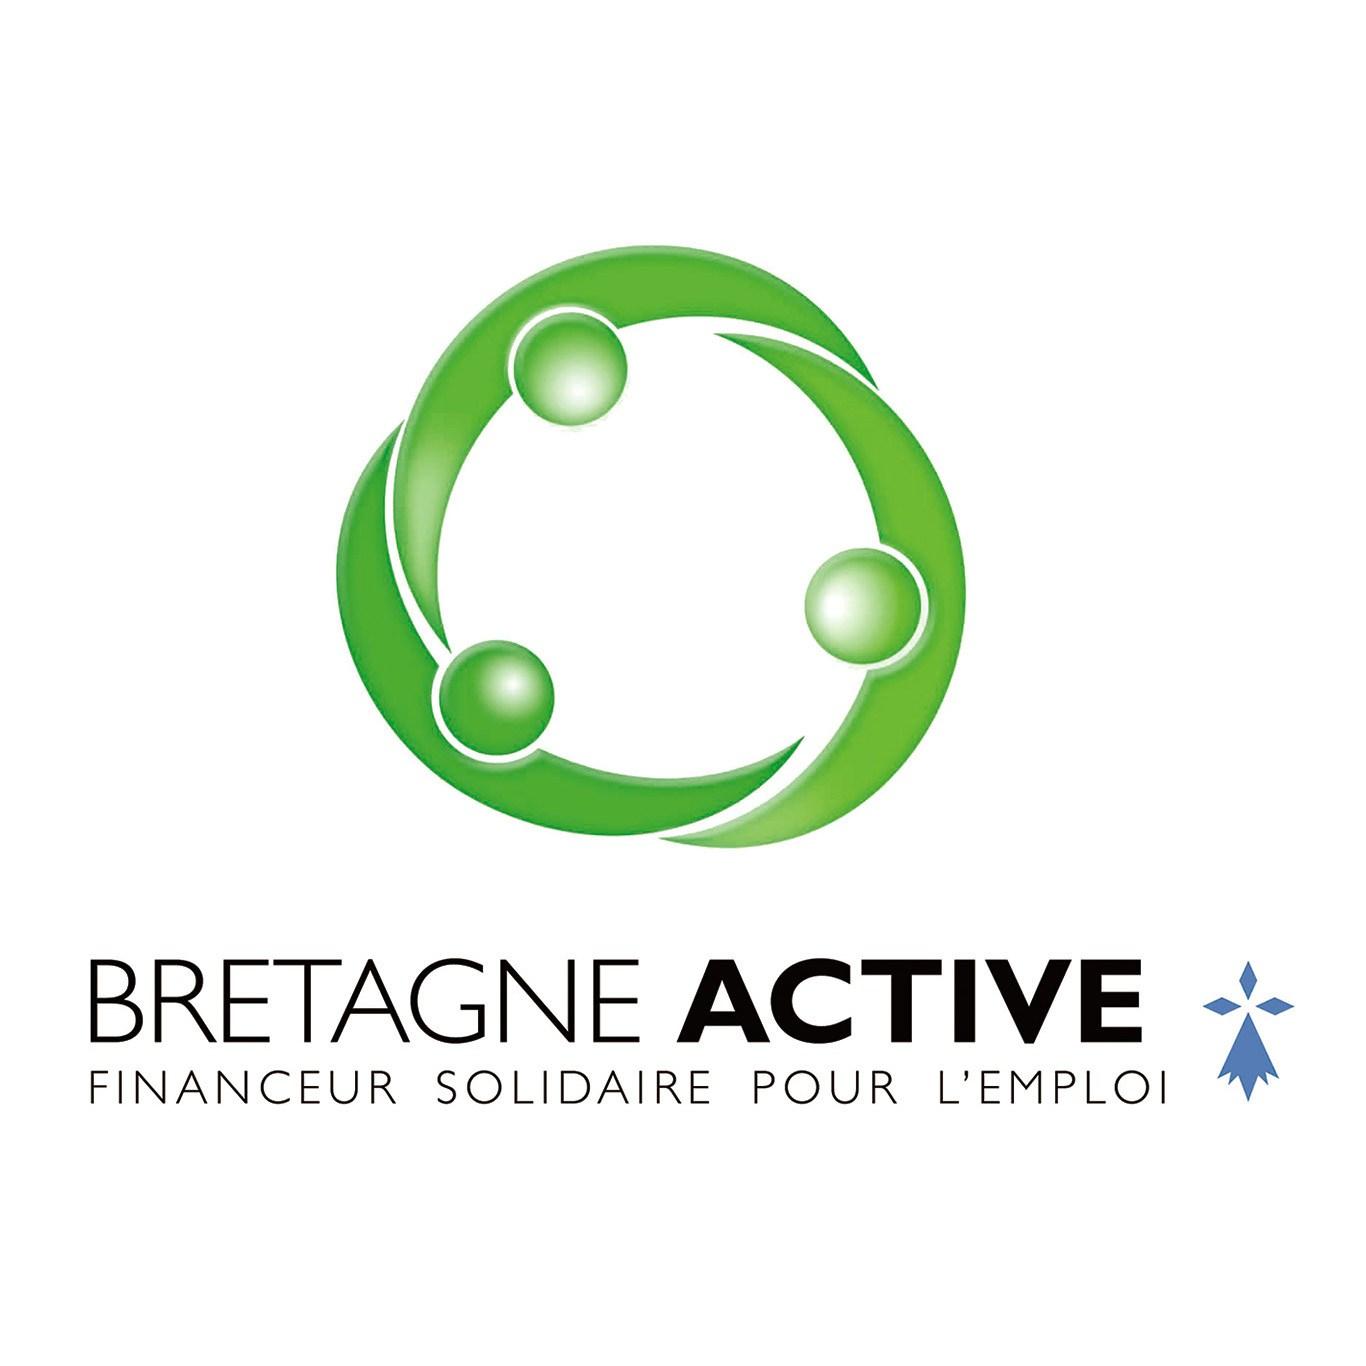 logo partenaire bretagne active